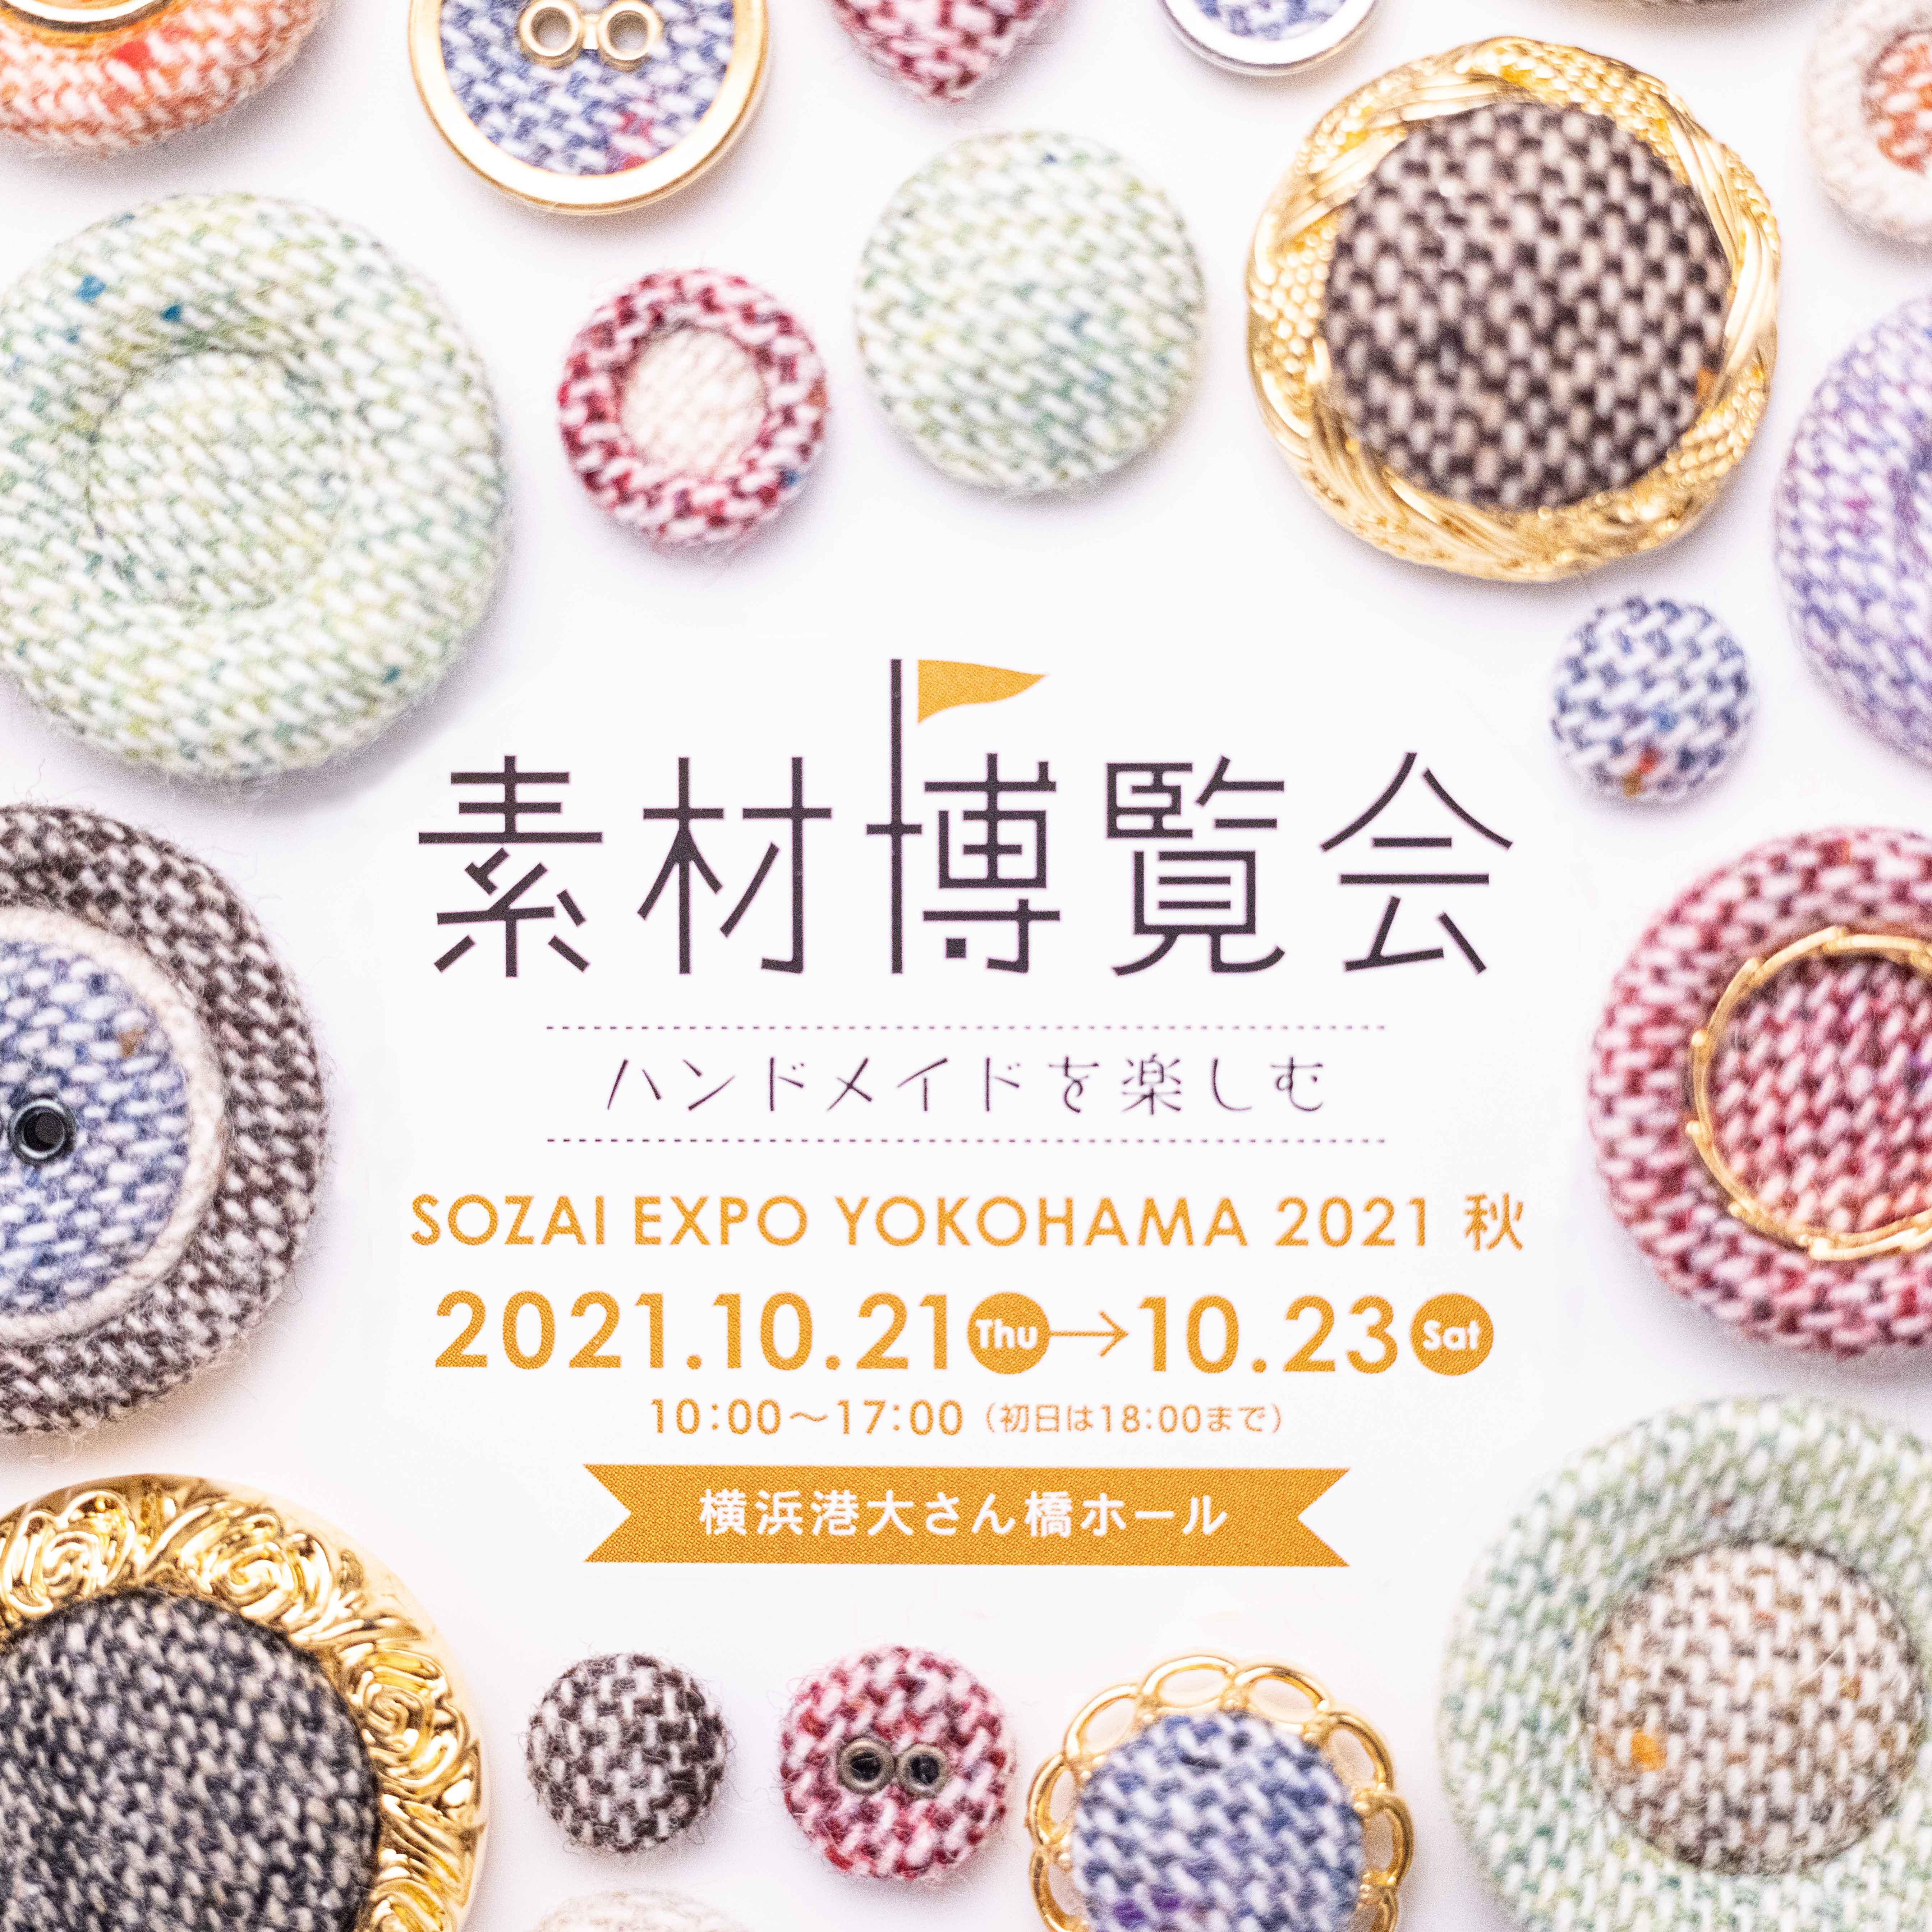 くるみボタン 素材博覧会